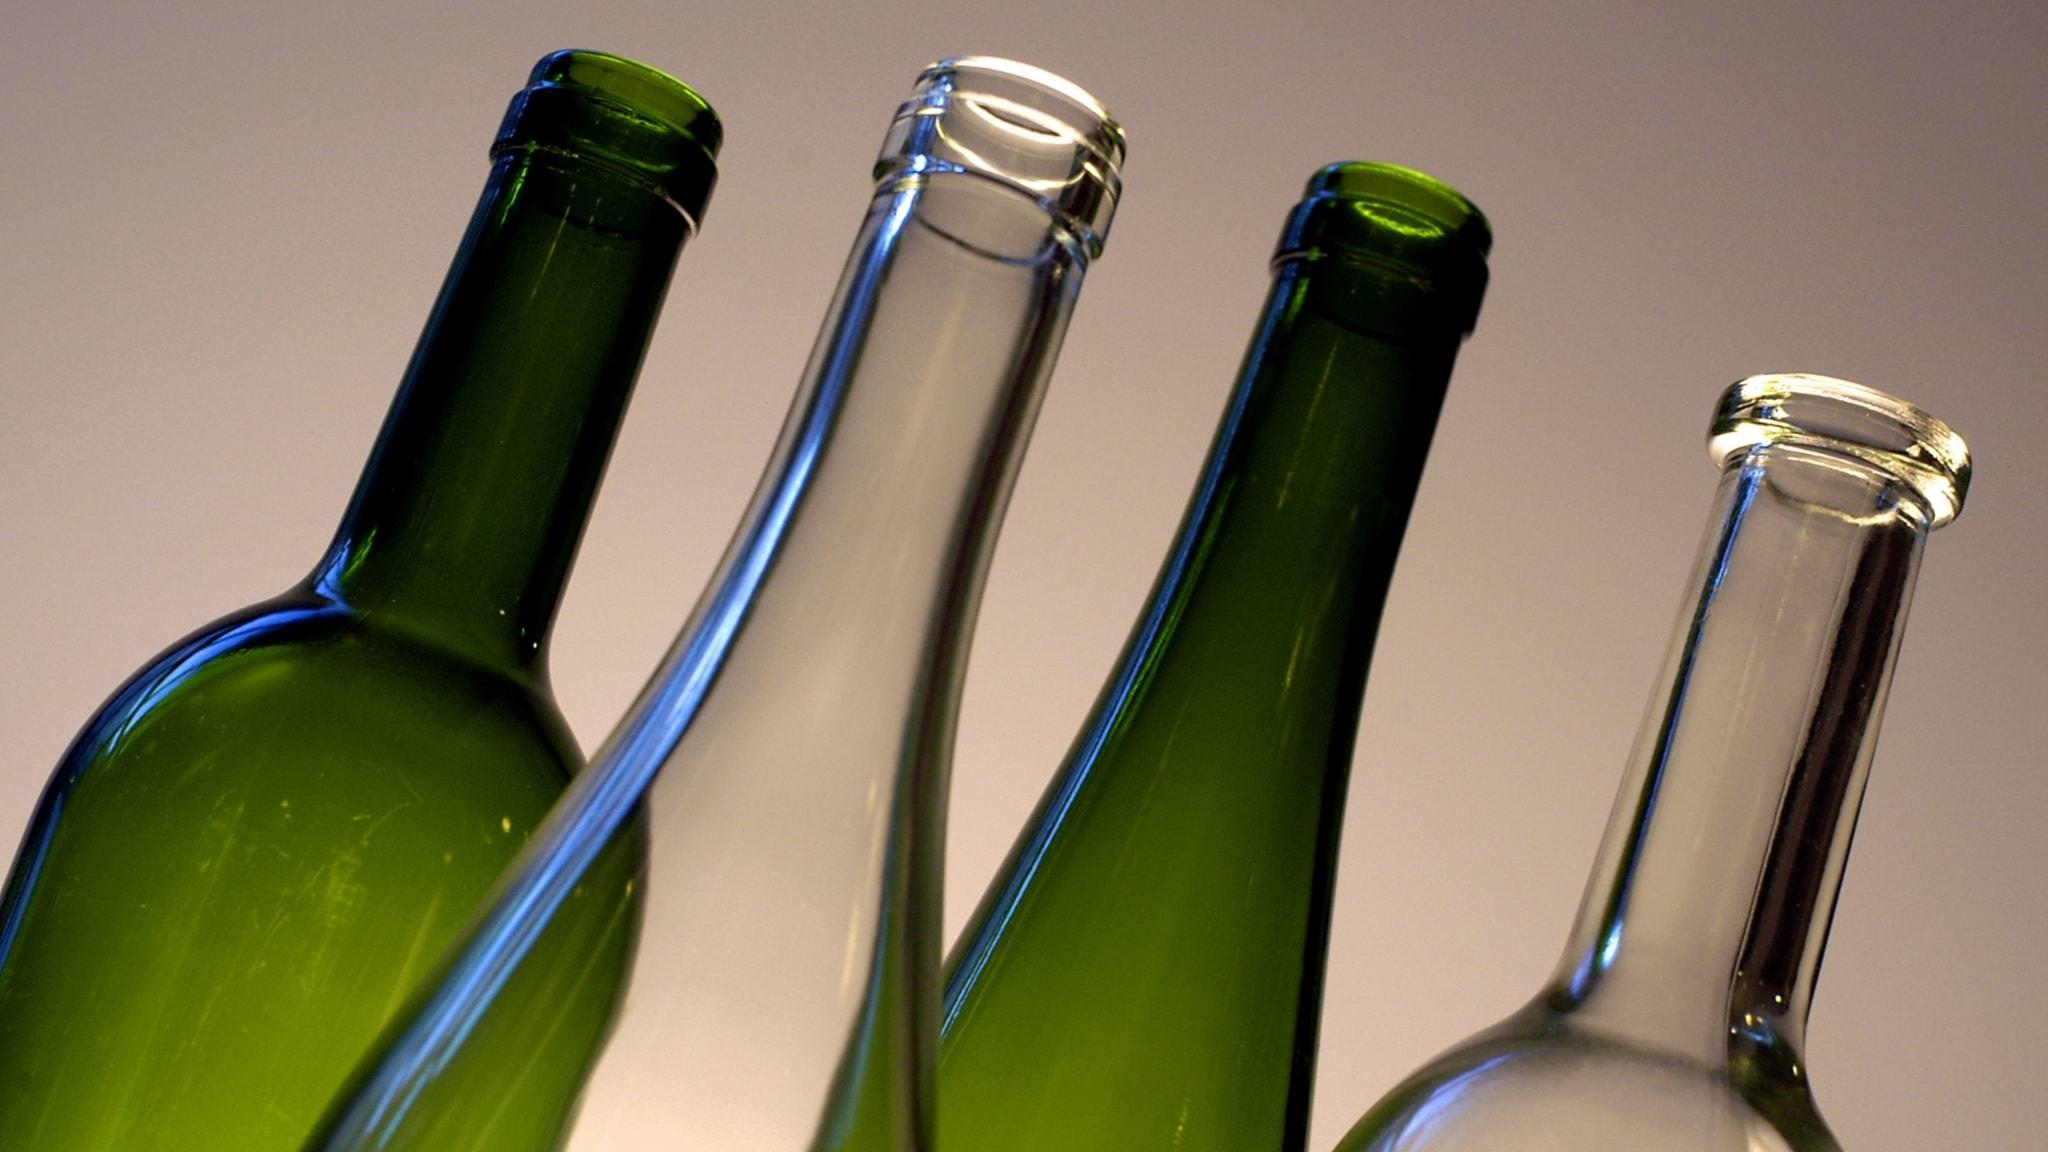 14 aug 2017: Riksdagsmajoritet för gårdsförsäljning av alkohol